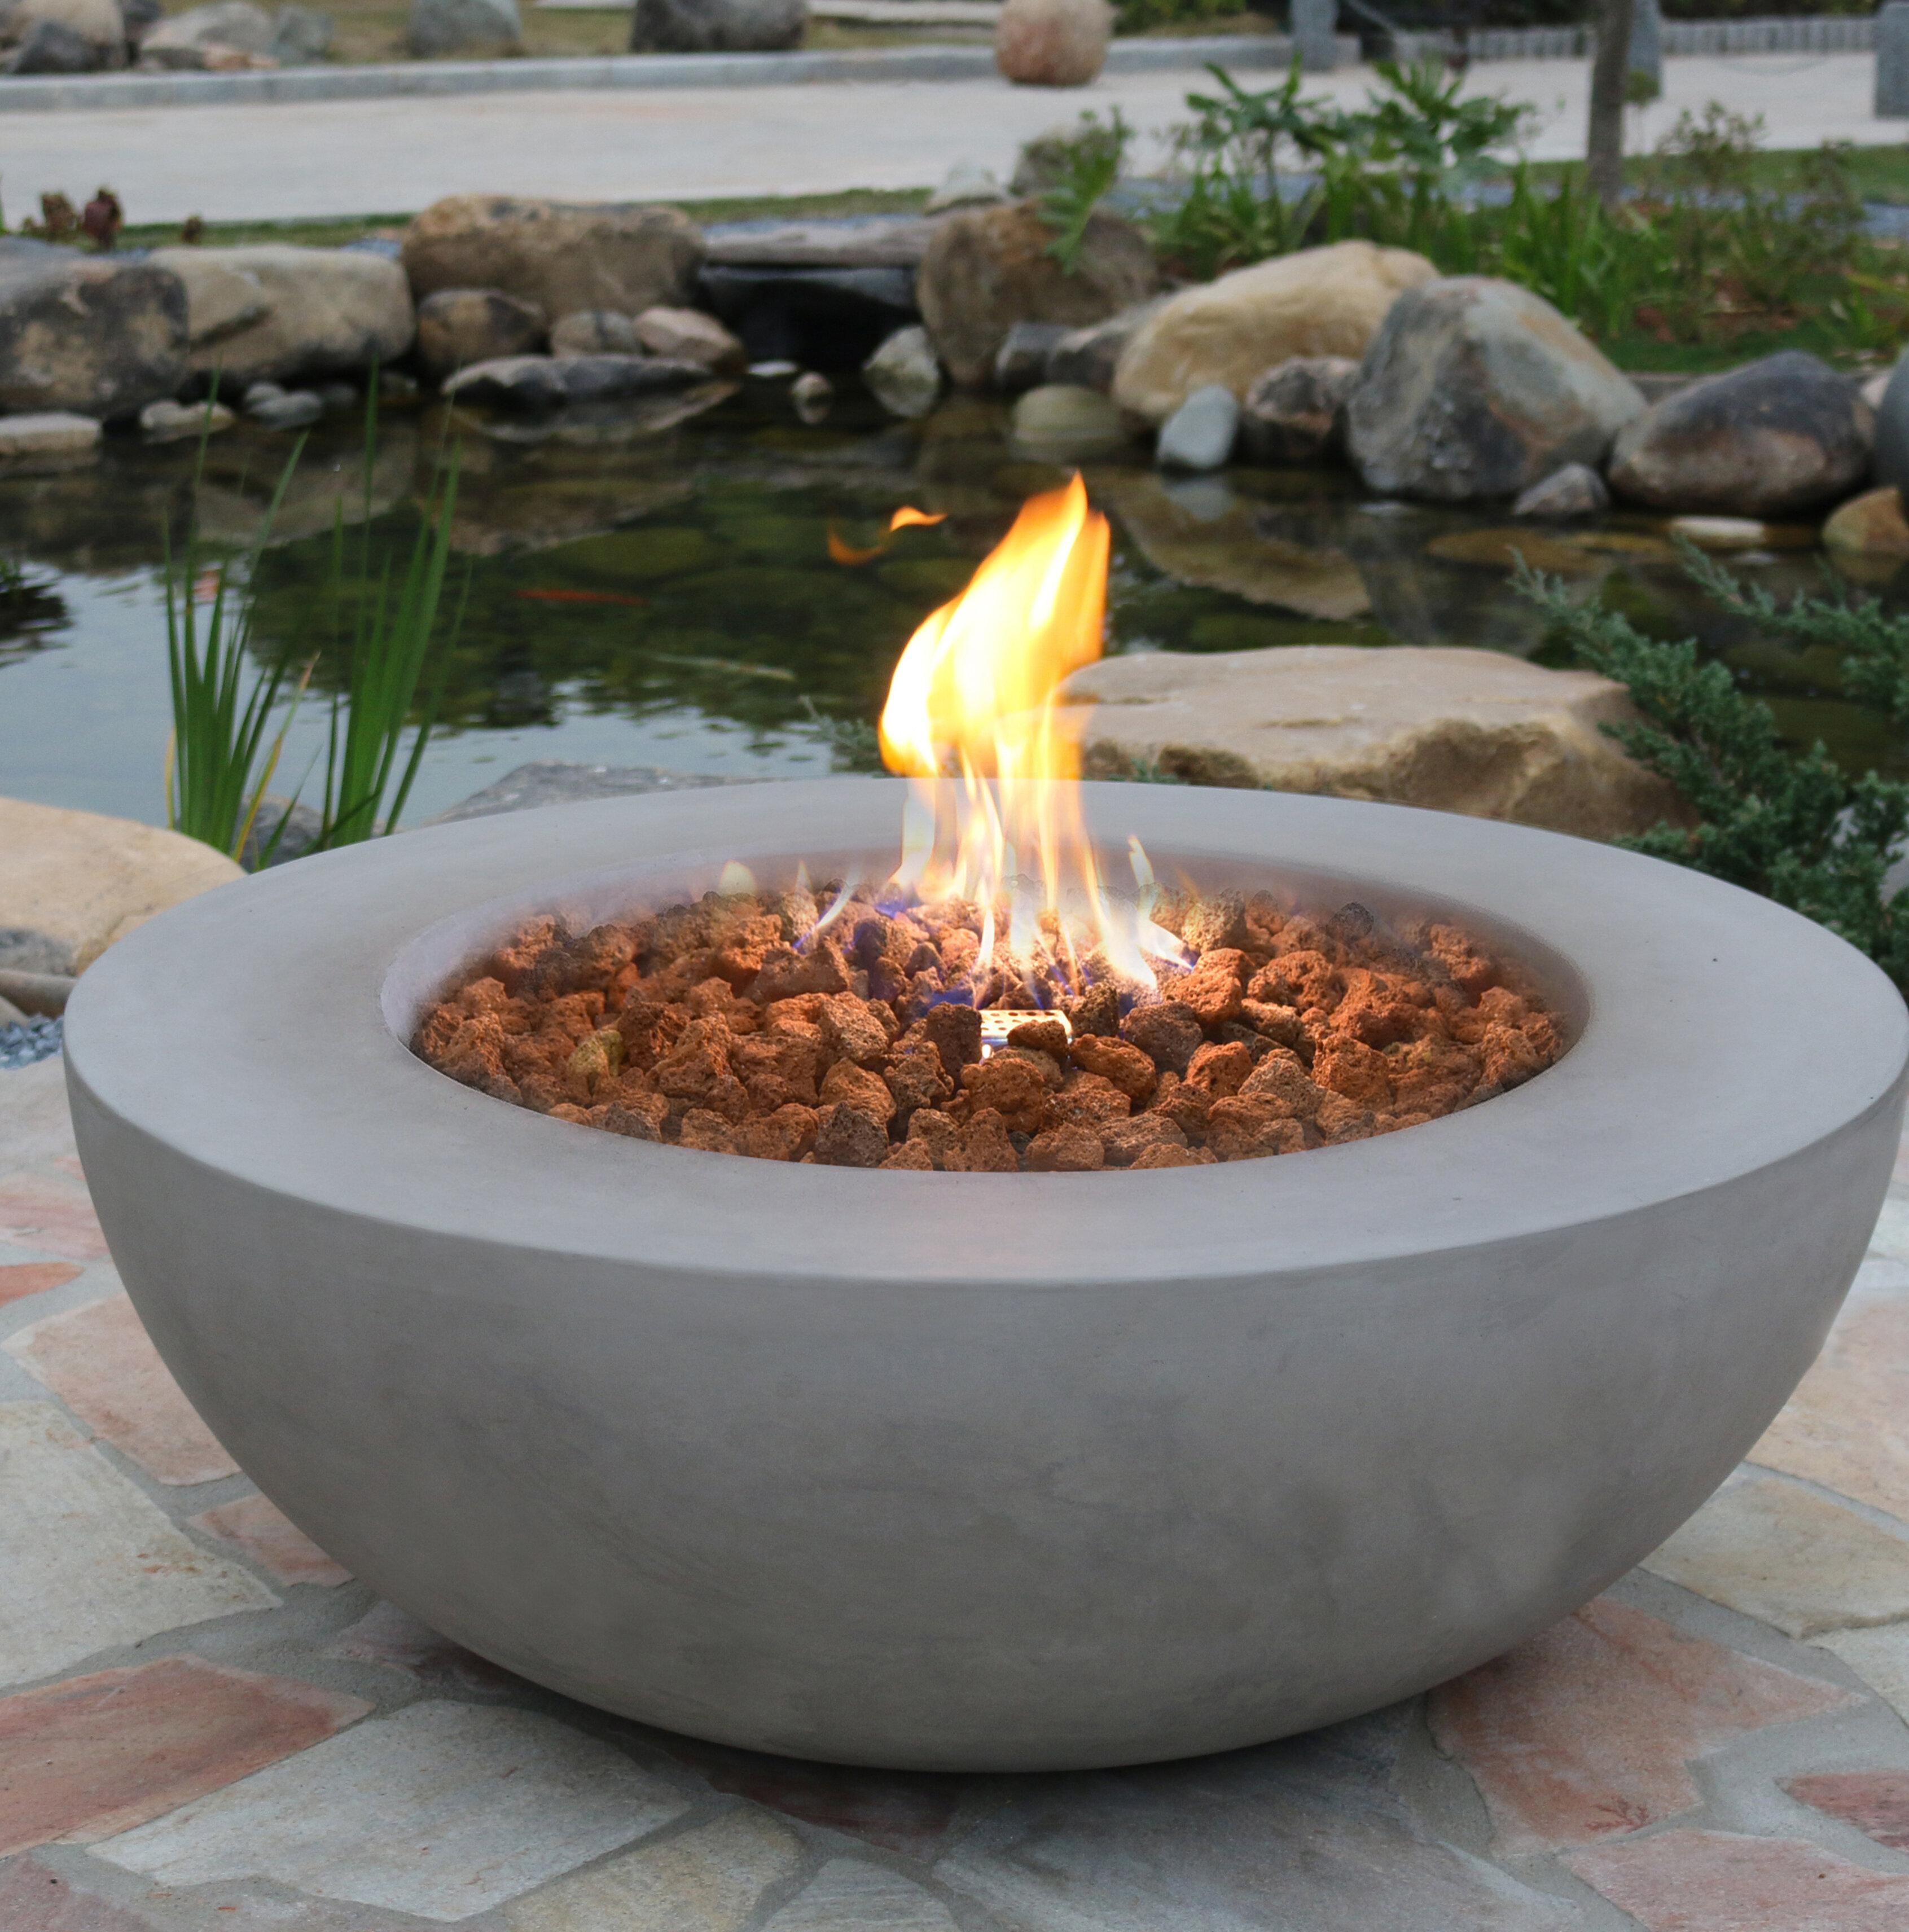 Electric Fire Pit >> Elementi Lunar Concrete Fire Pit Reviews Wayfair